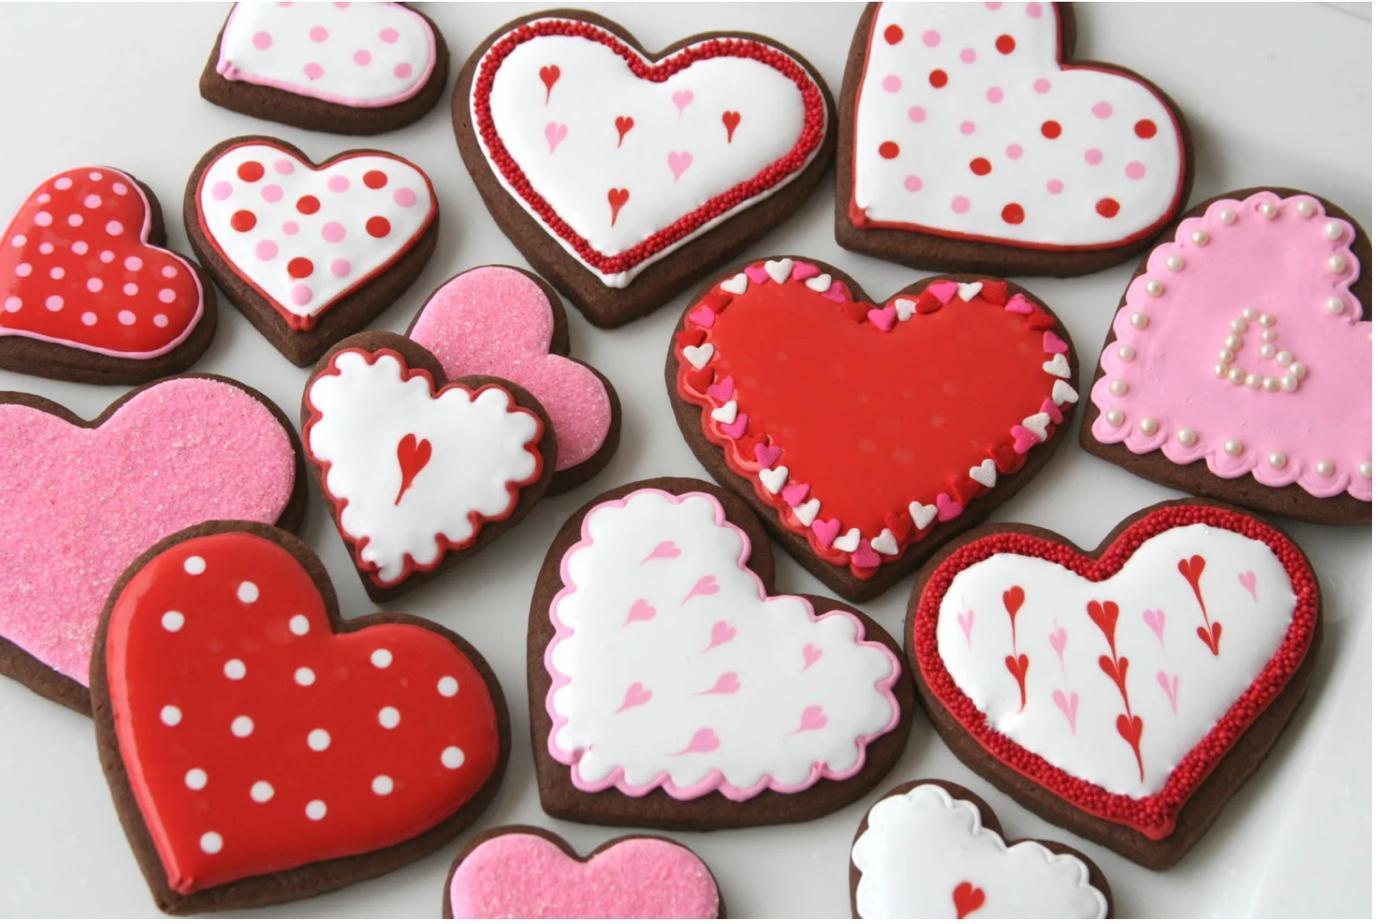 Nguồn gốc và ý nghĩa của Valentine Trắng 14/3 ít người biết Ảnh 1